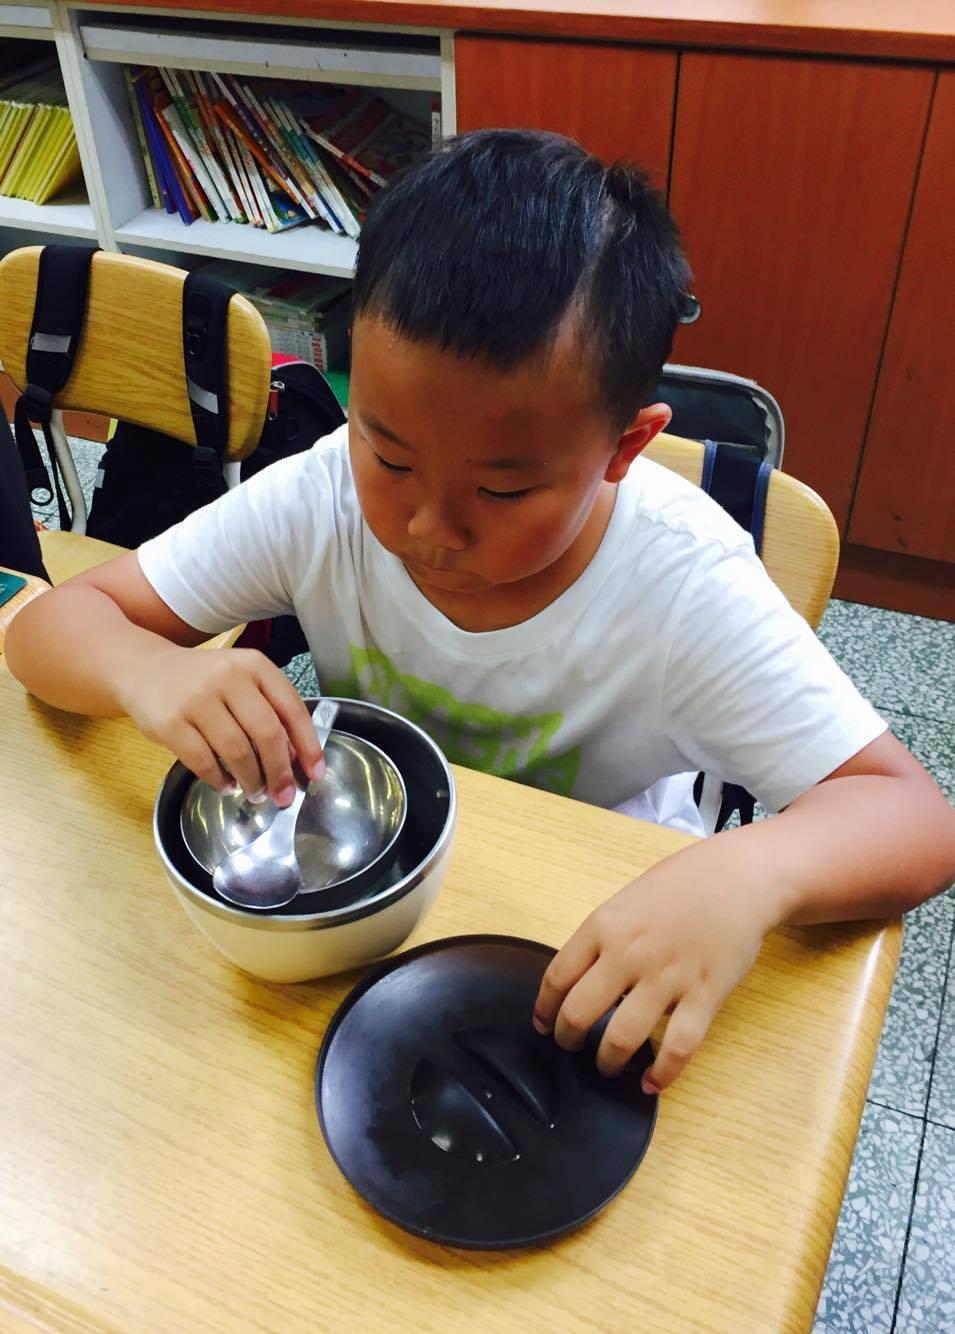 四年級的王同學想再吃一碗,但看到已經空蕩蕩的飯鍋,難過地說「還想吃,但怎麼都沒有...